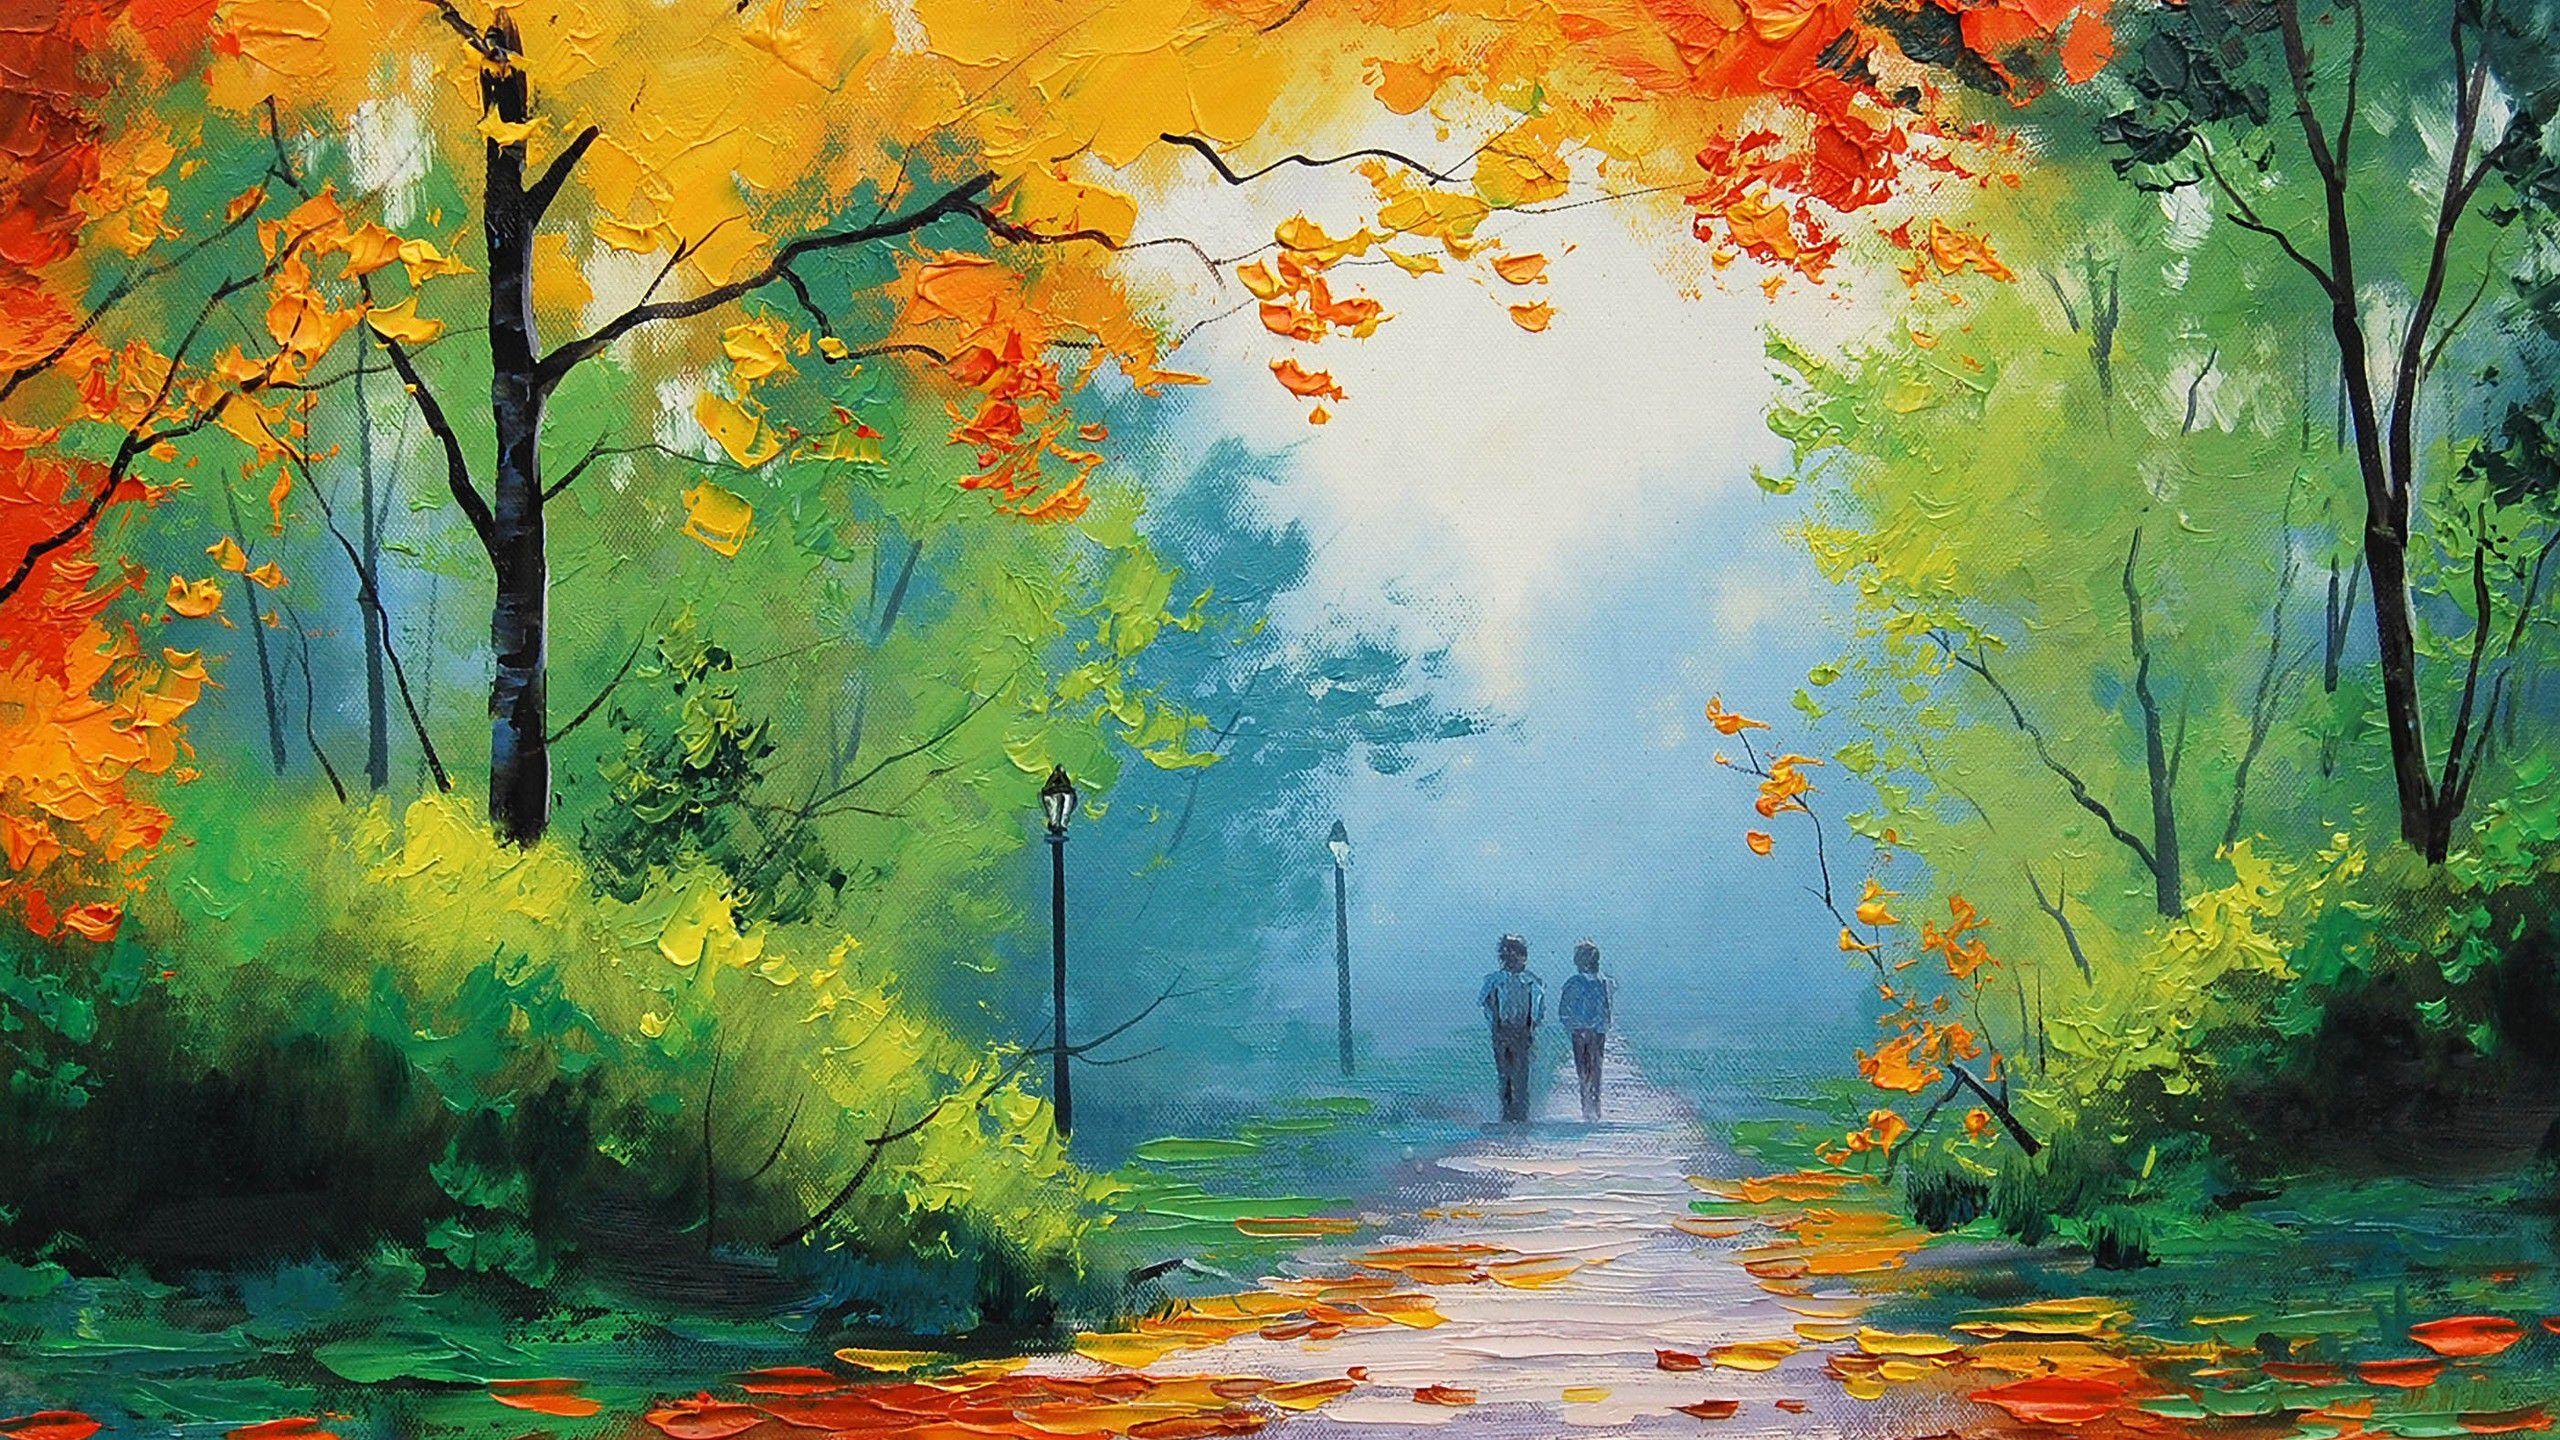 обои на рабочий стол картины известных художников осень № 247553 загрузить